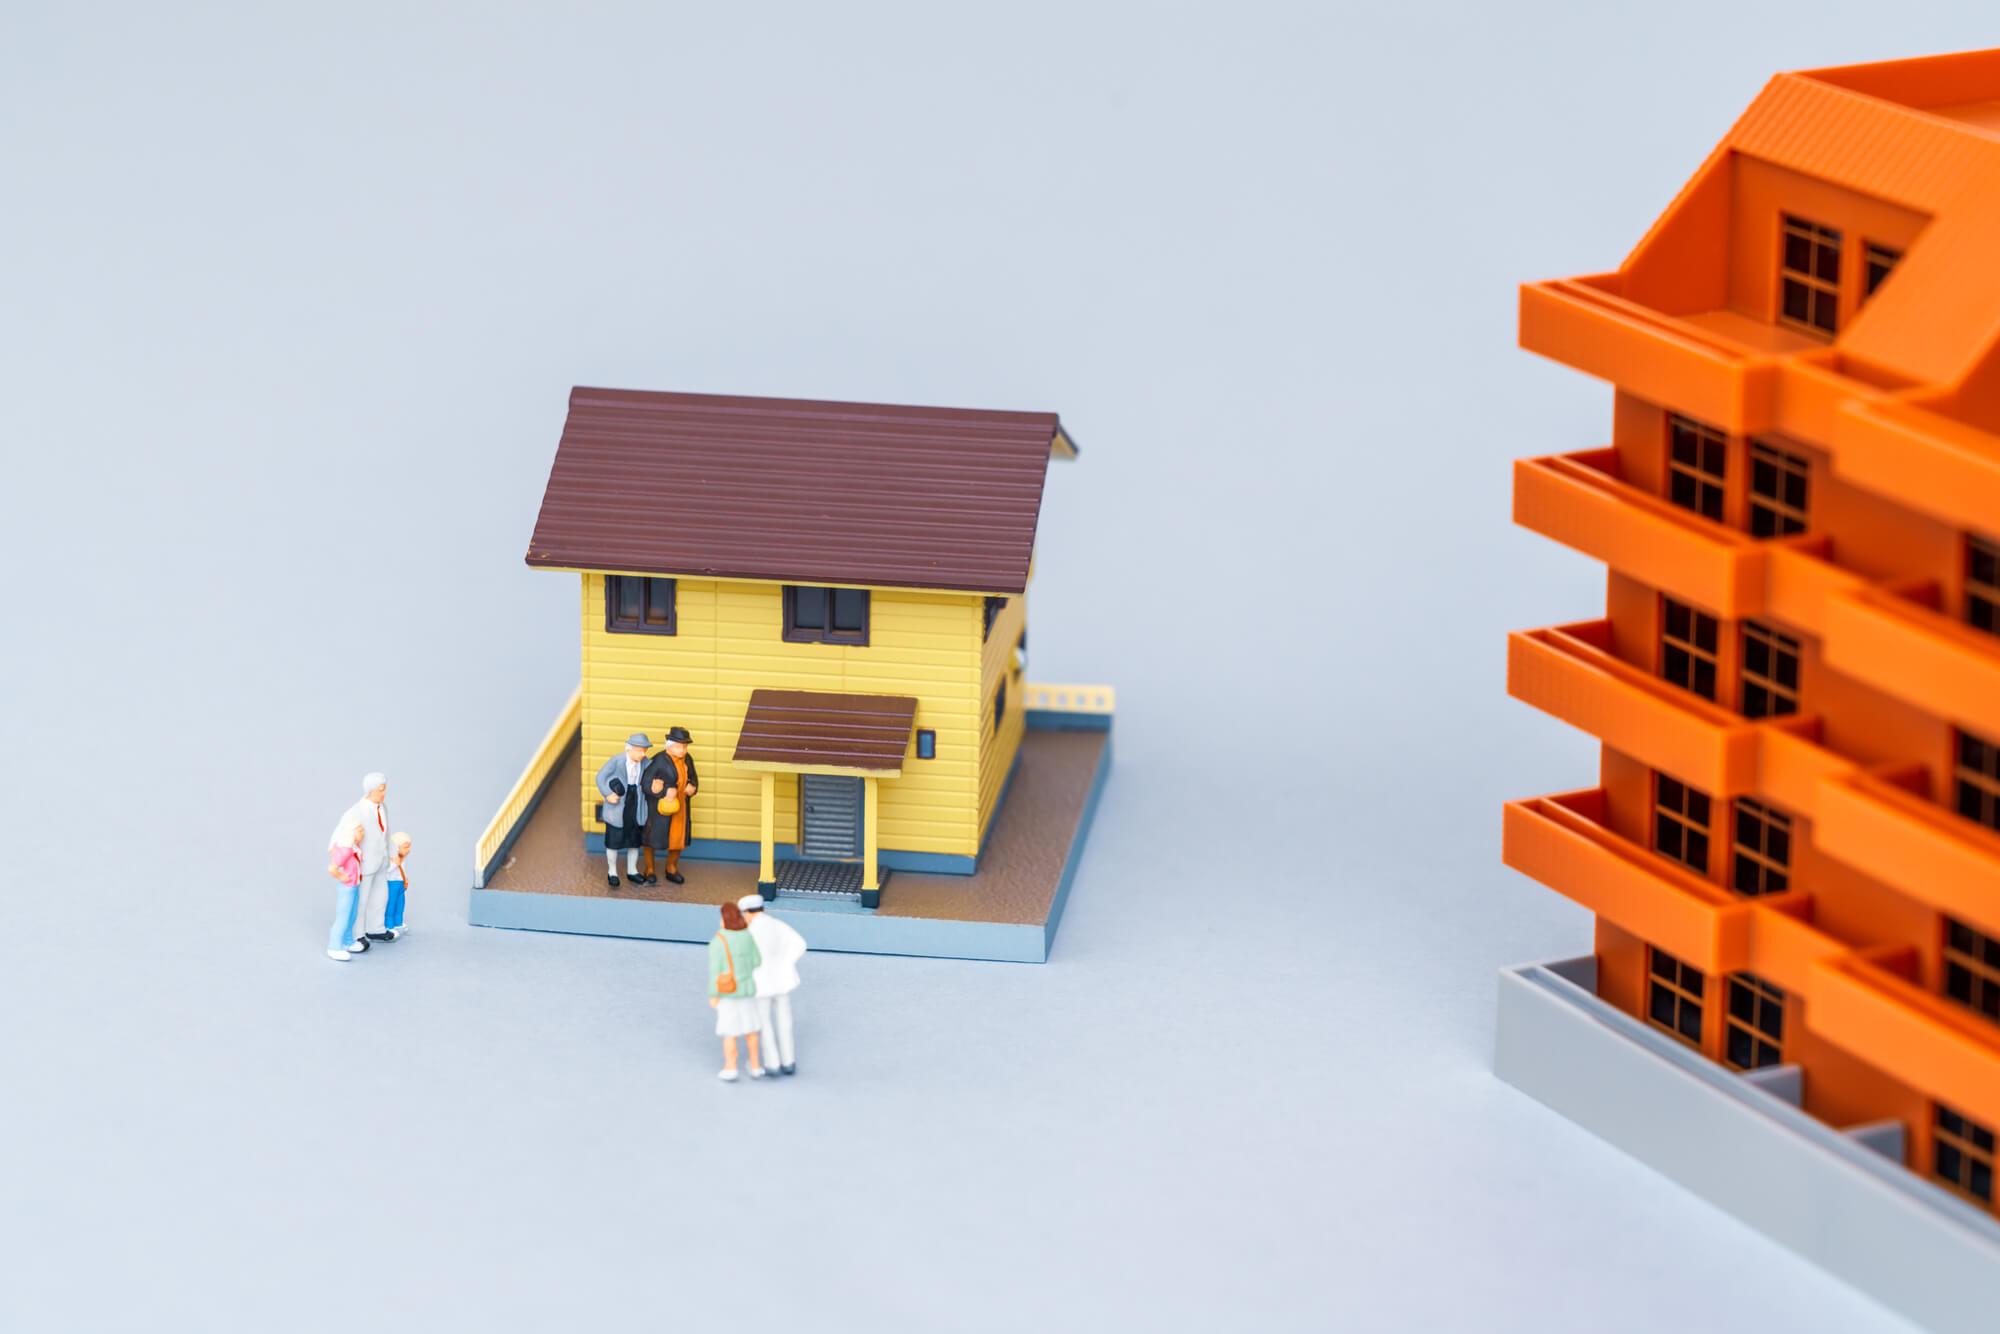 「空き家」の相続はリスクがいっぱい!不動産相続をする前の注意点を解説 - 相続オナヤミ相談 花沢事務所